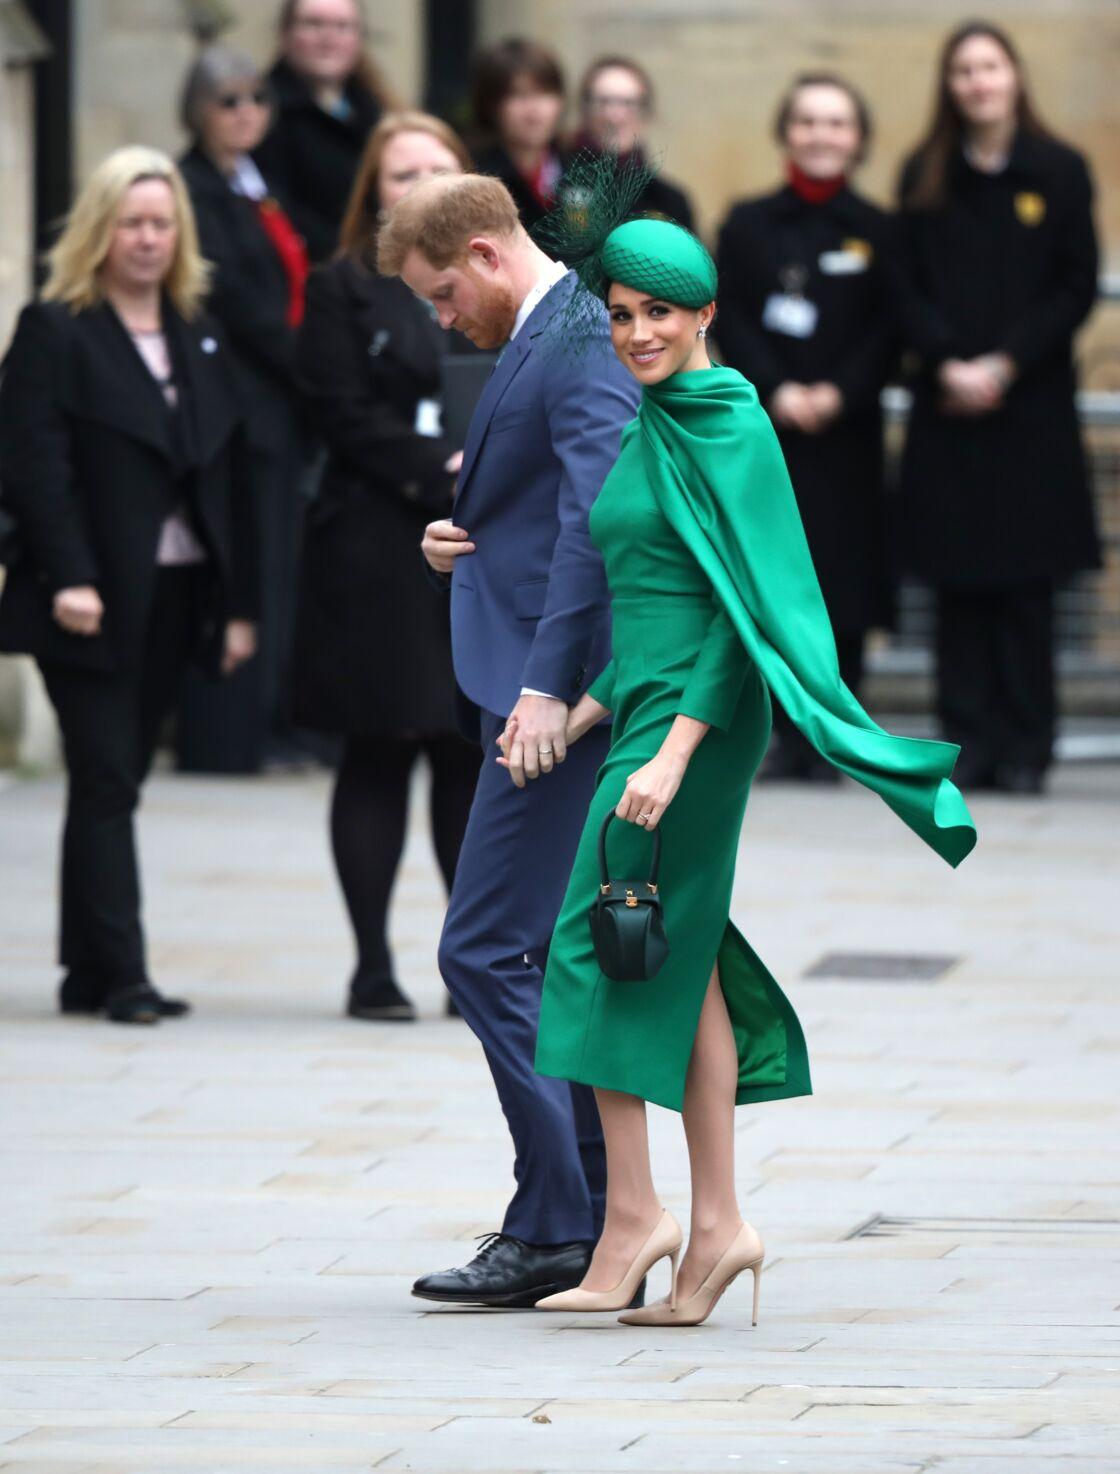 e prince Harry et Meghan Markle lors de la cérémonie du Commonwealth en l'abbaye de Westminster à Londres, le 9 mars 2020